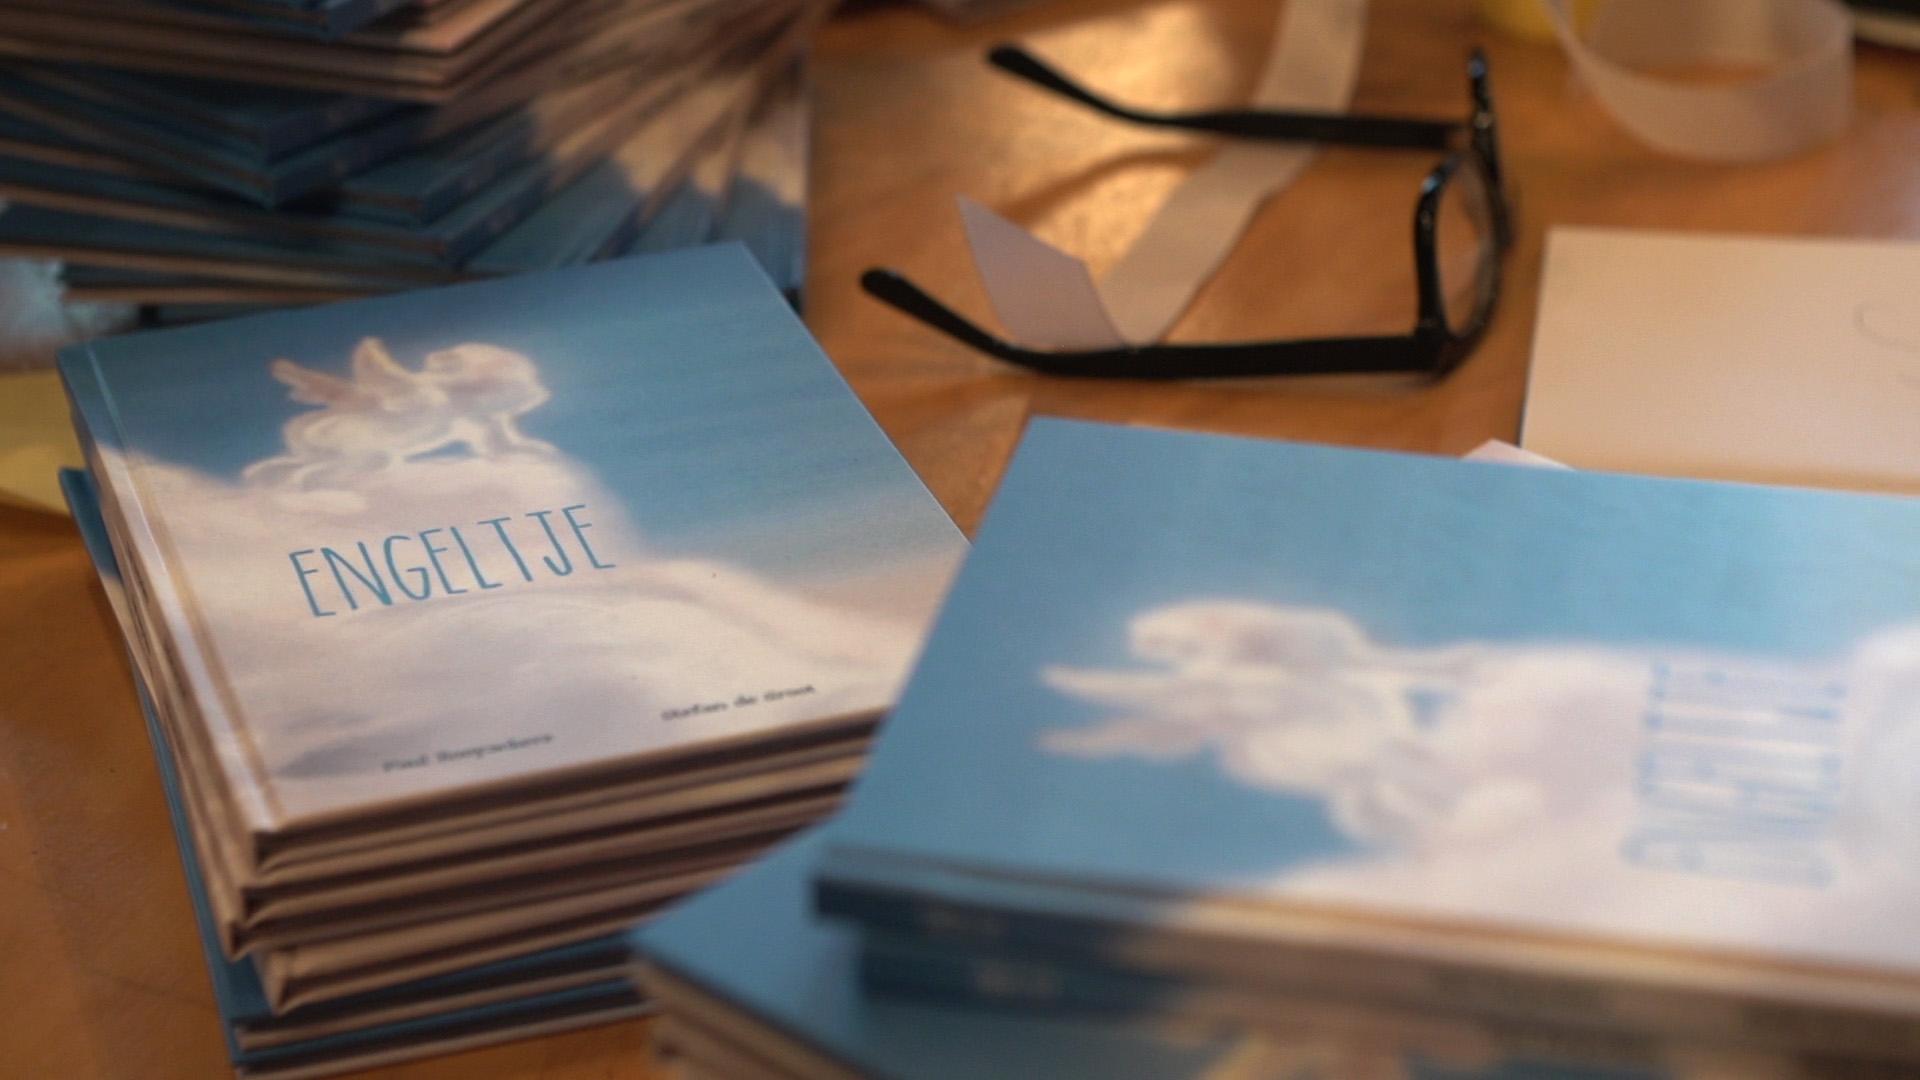 Engeltje boekpresentatie boeken